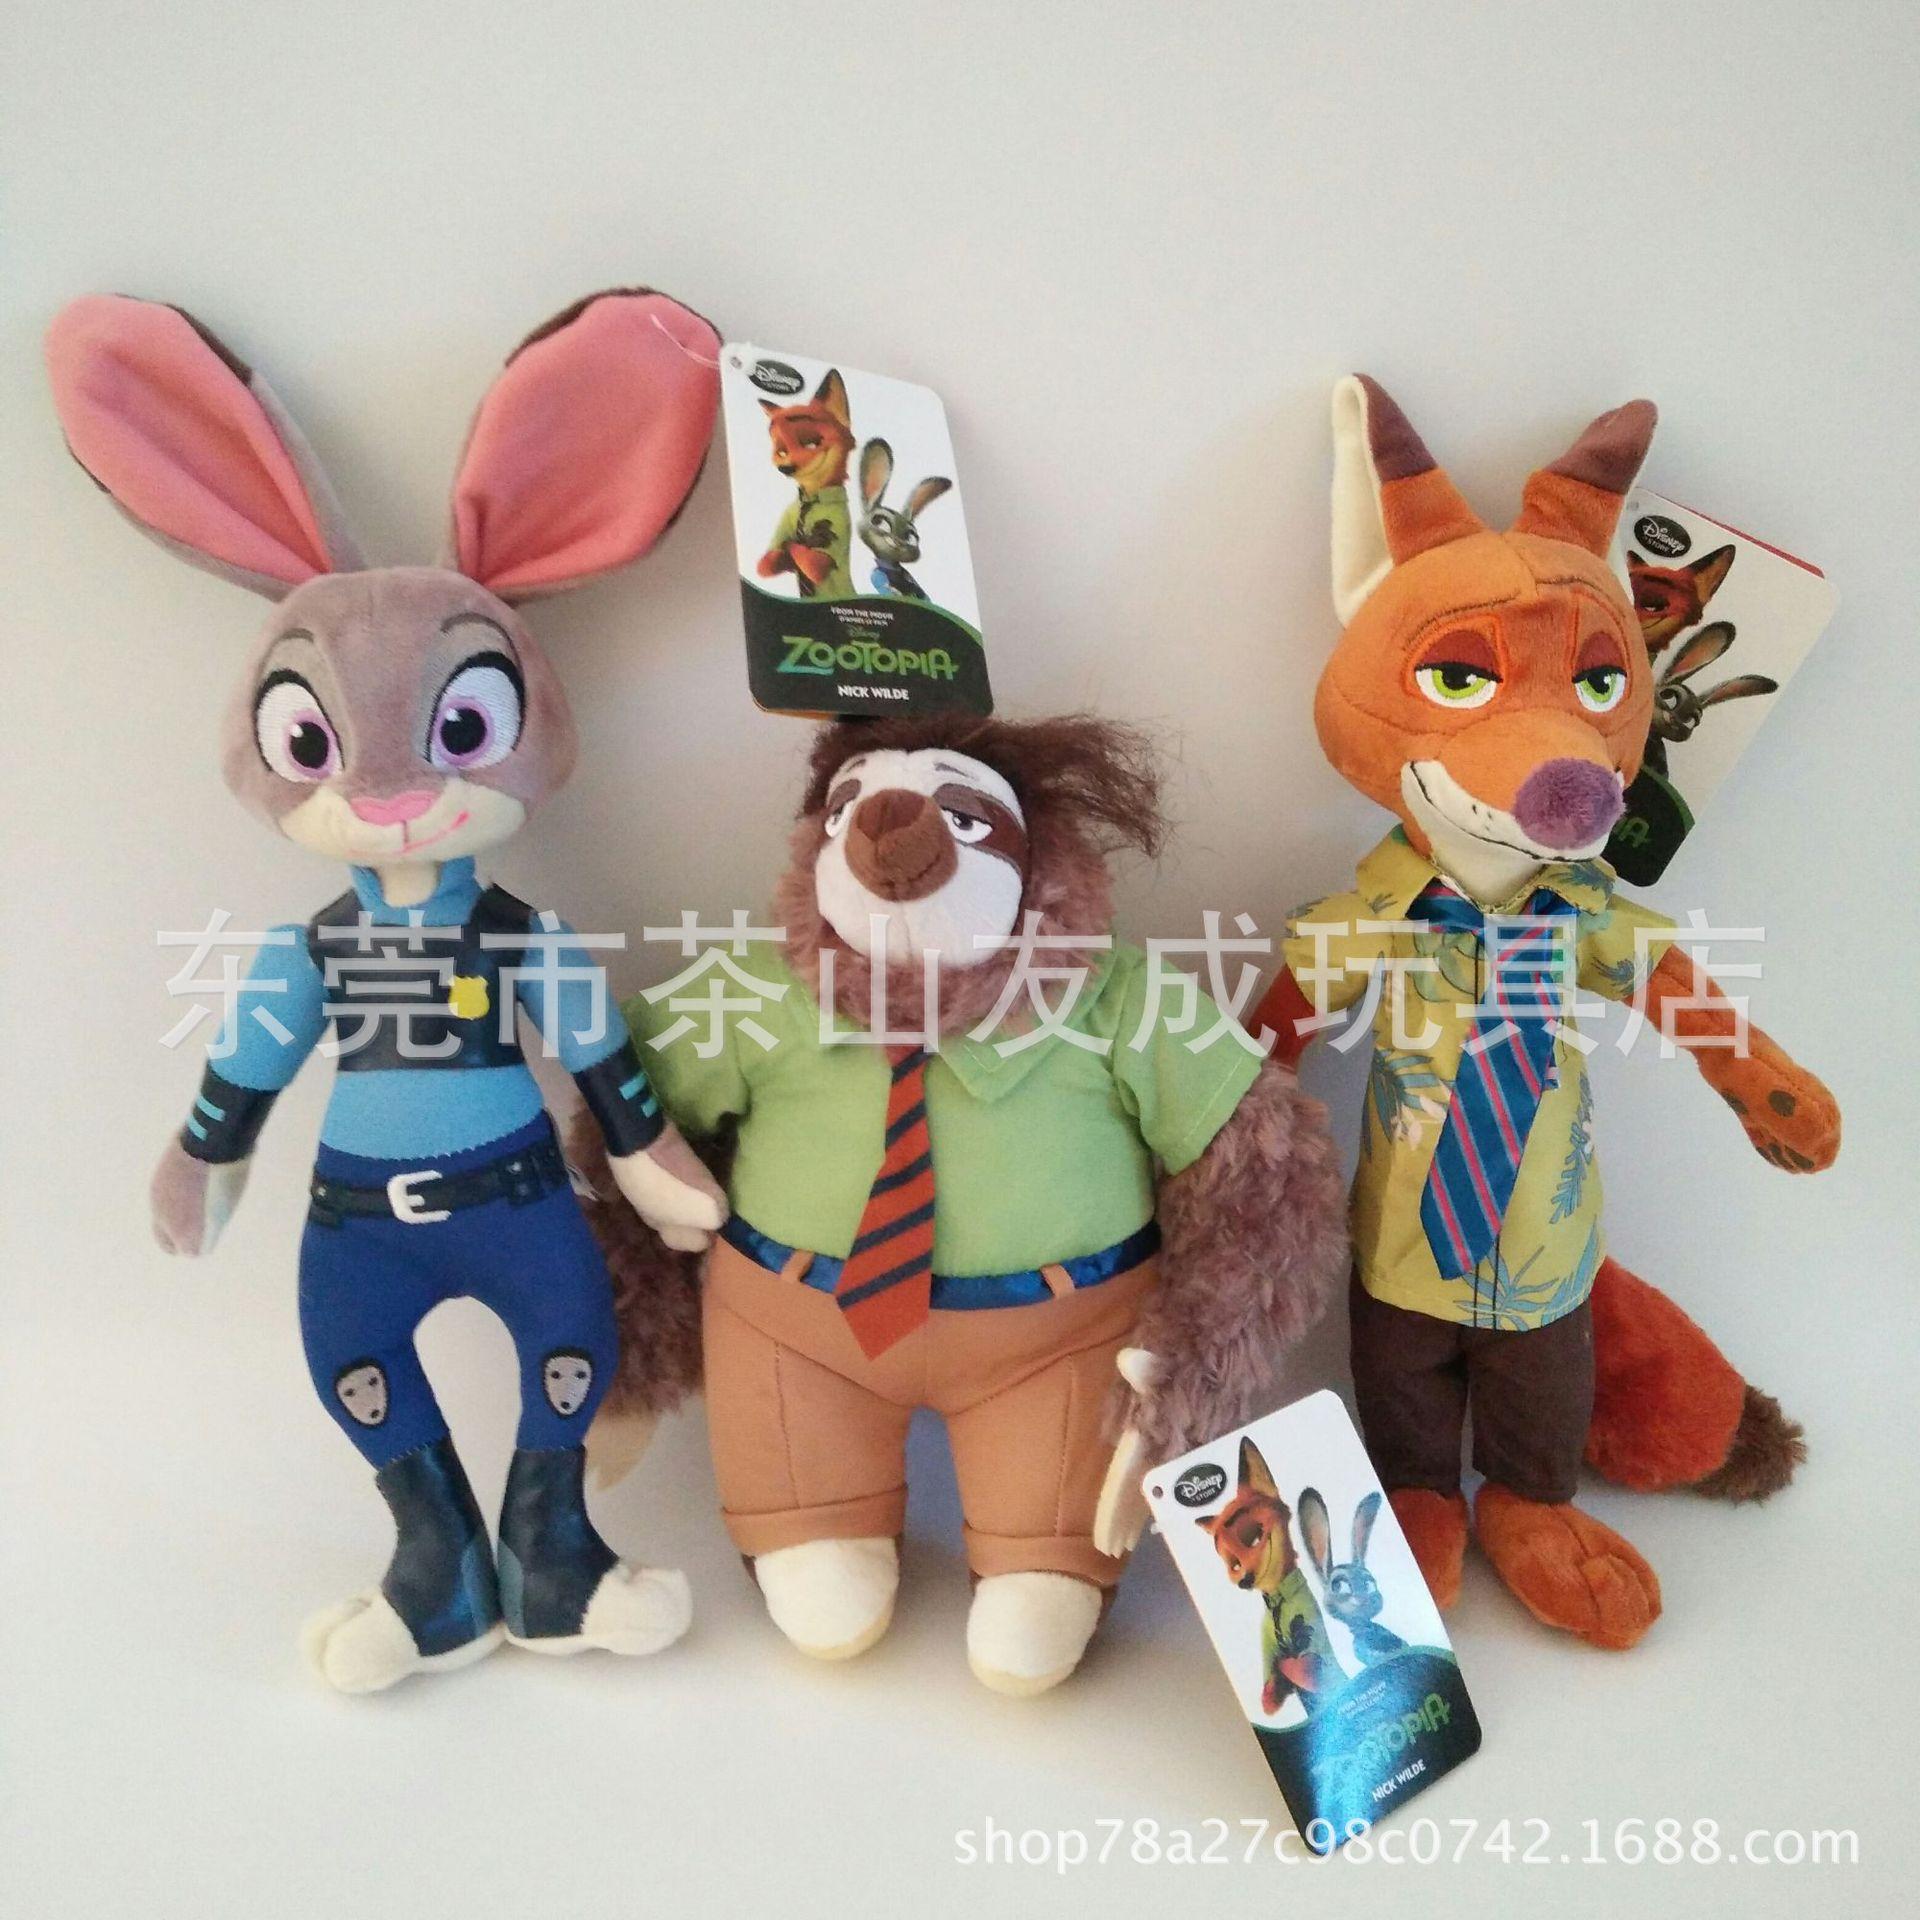 电影周边Zootopia疯狂动物城毛绒玩具树懒尼克朱迪毛绒公仔娃娃